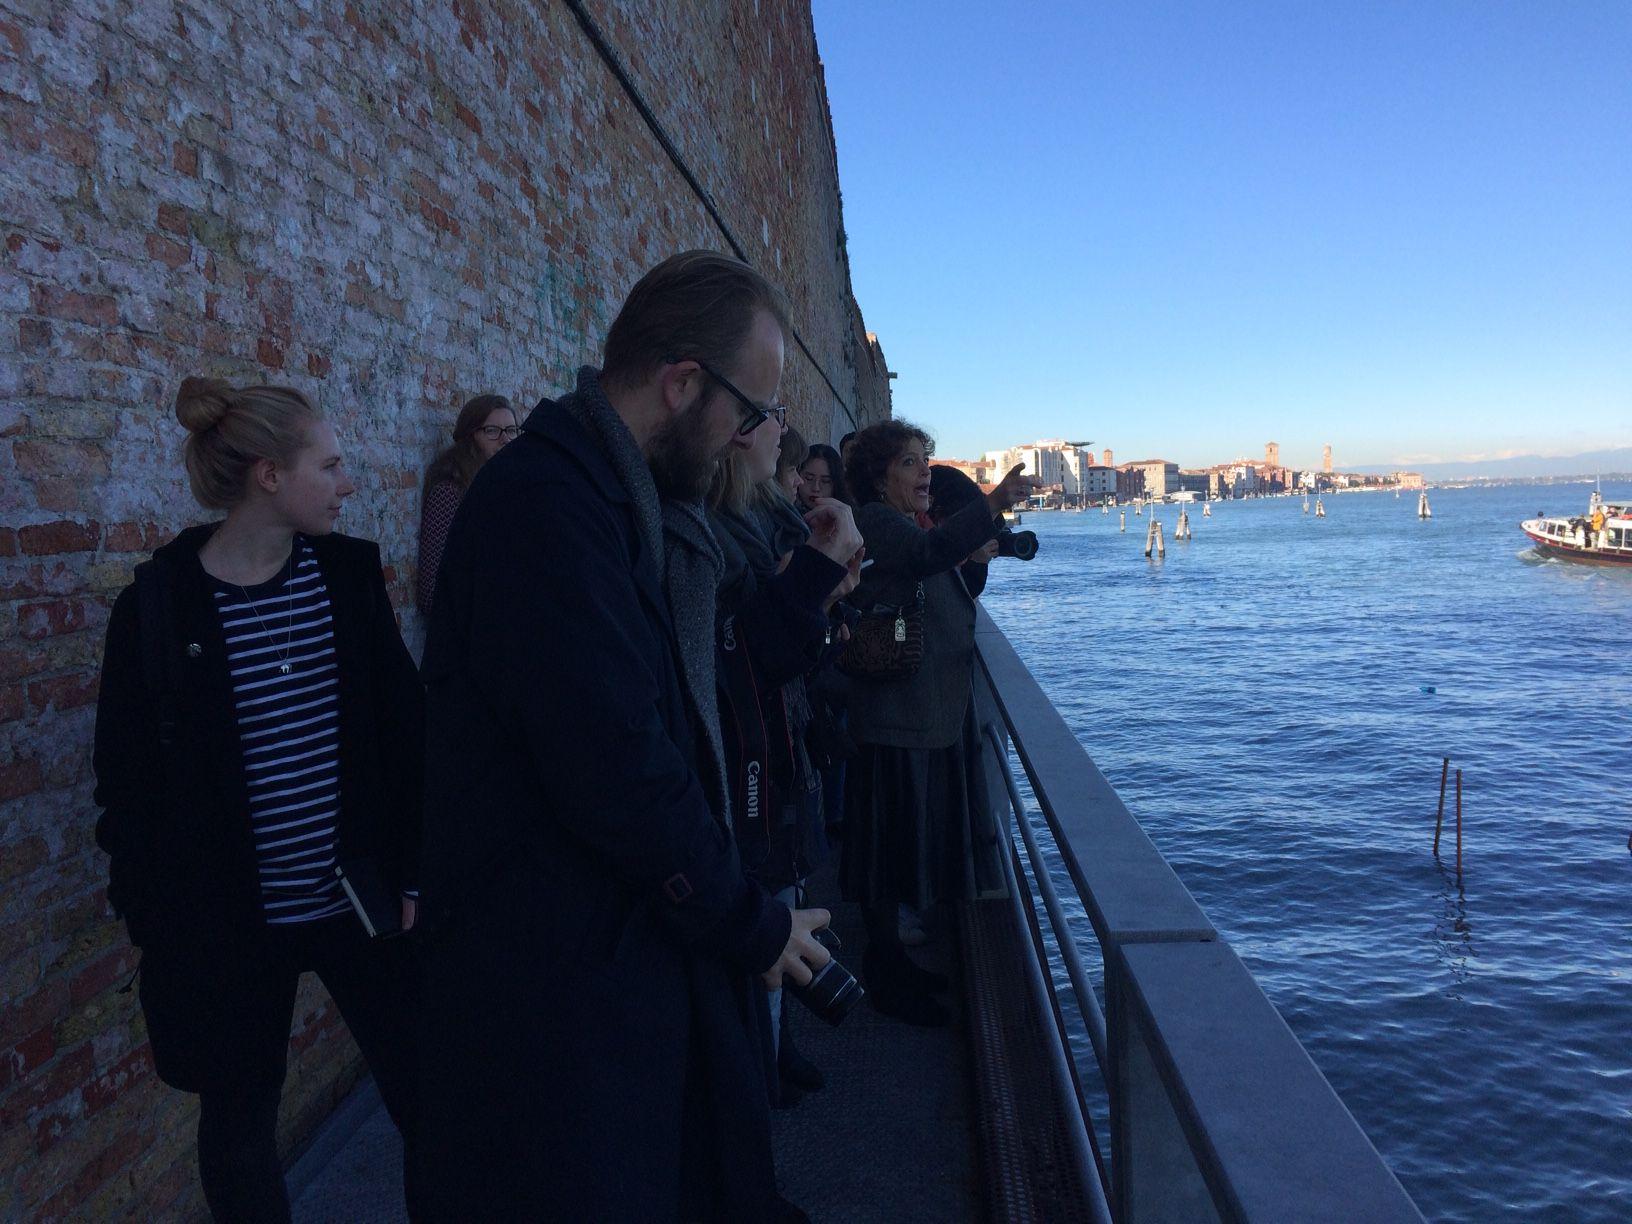 Esplorando Venezia Con Gli Studenti Di Architettura Dell'Università Tecnica Di Delft